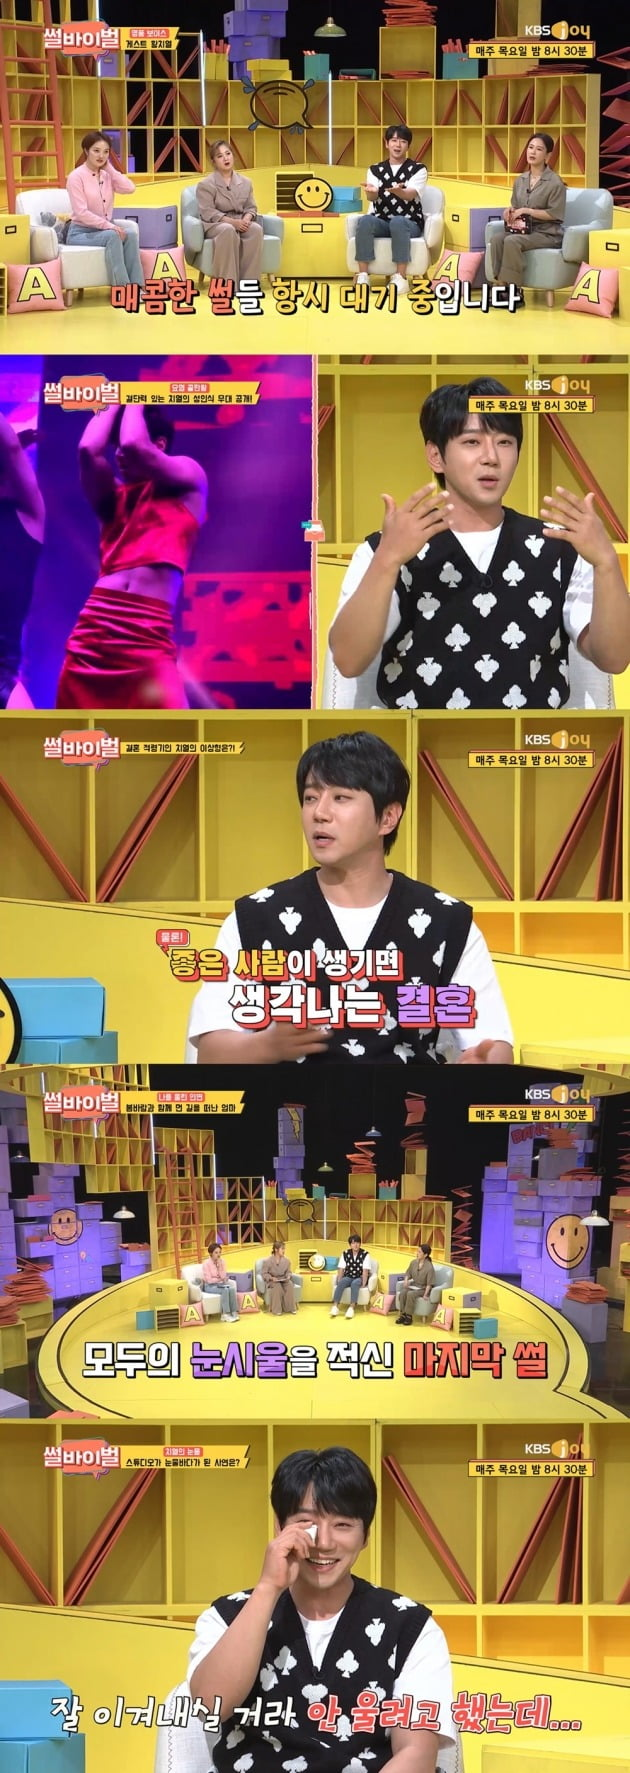 사진=KBS Joy '썰바이벌' 방송 캡처